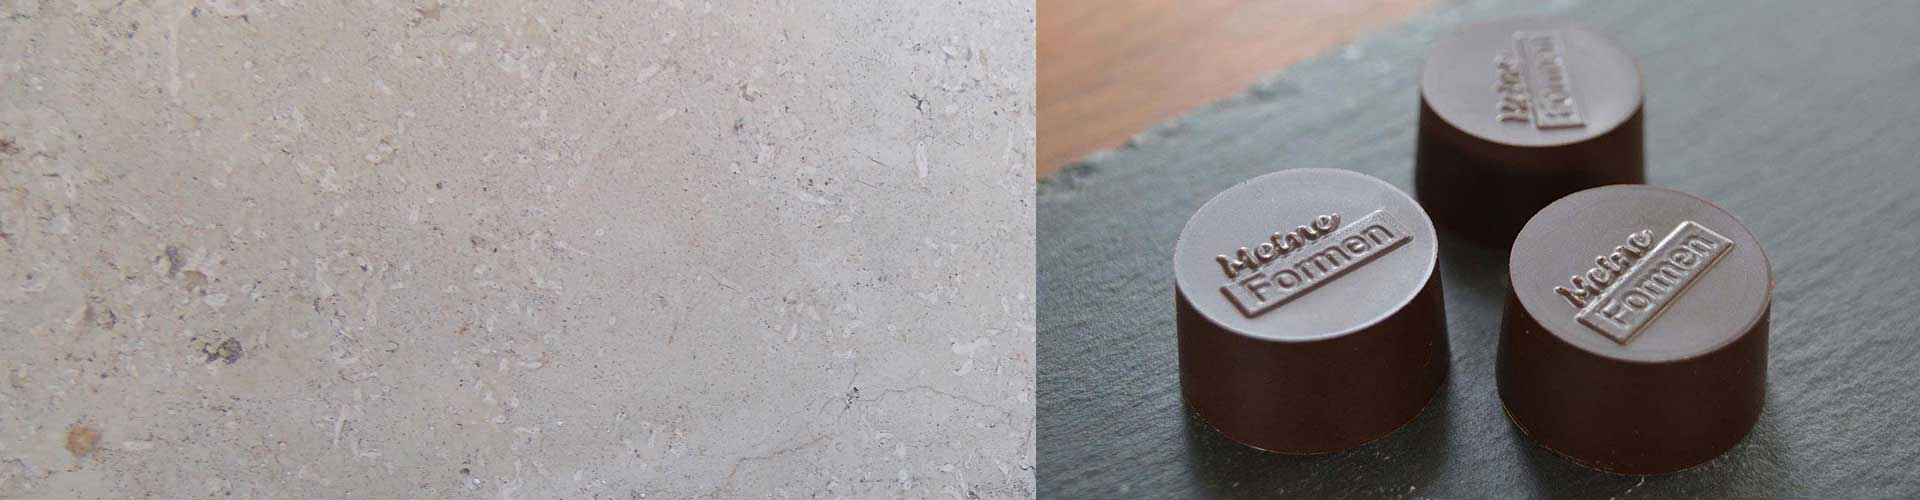 Logo- und Motiv-Pralinen einfach selbst erstellen mit chocopro